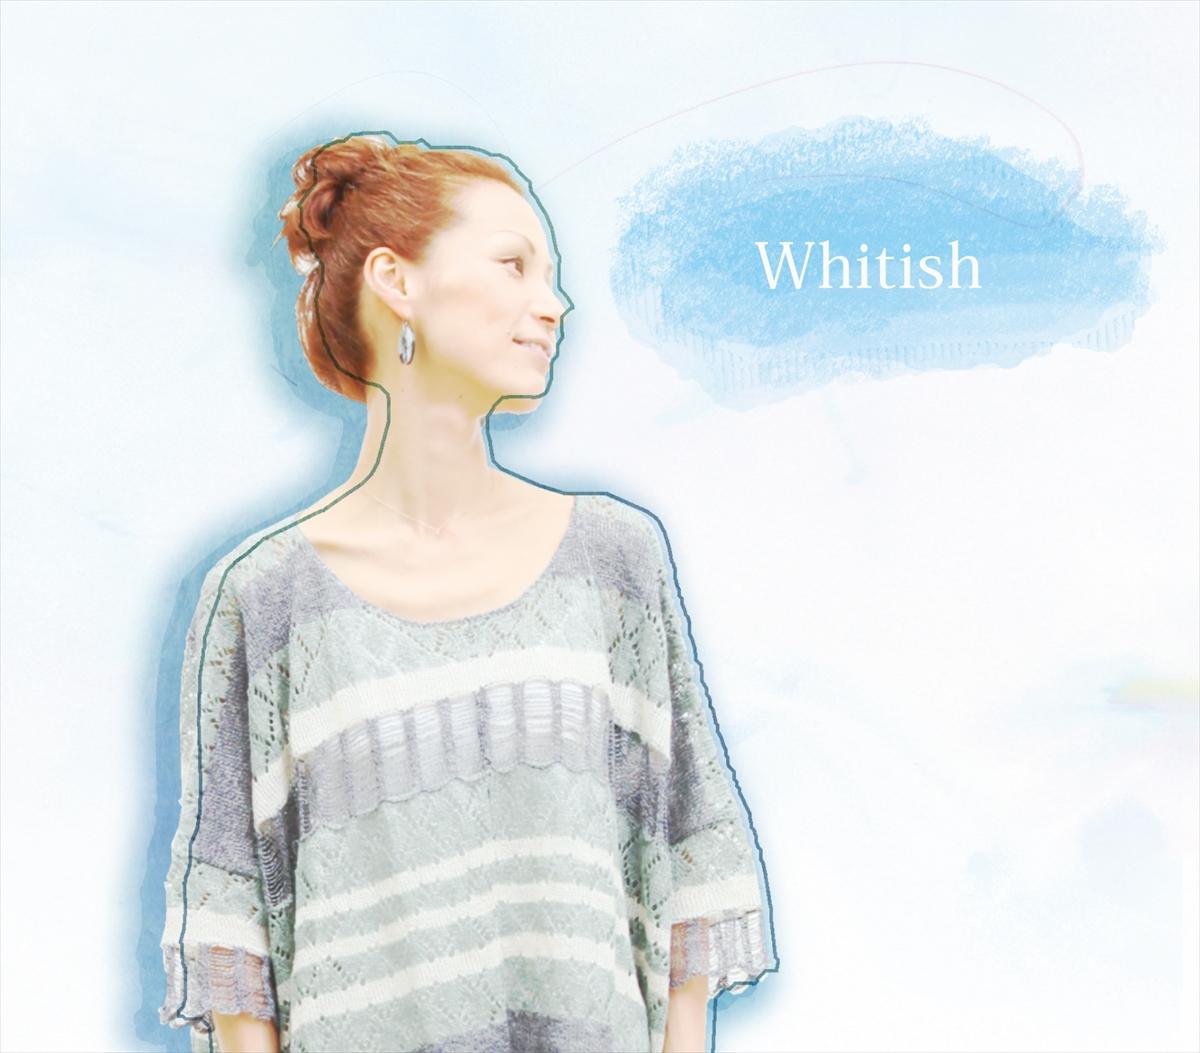 Whitish